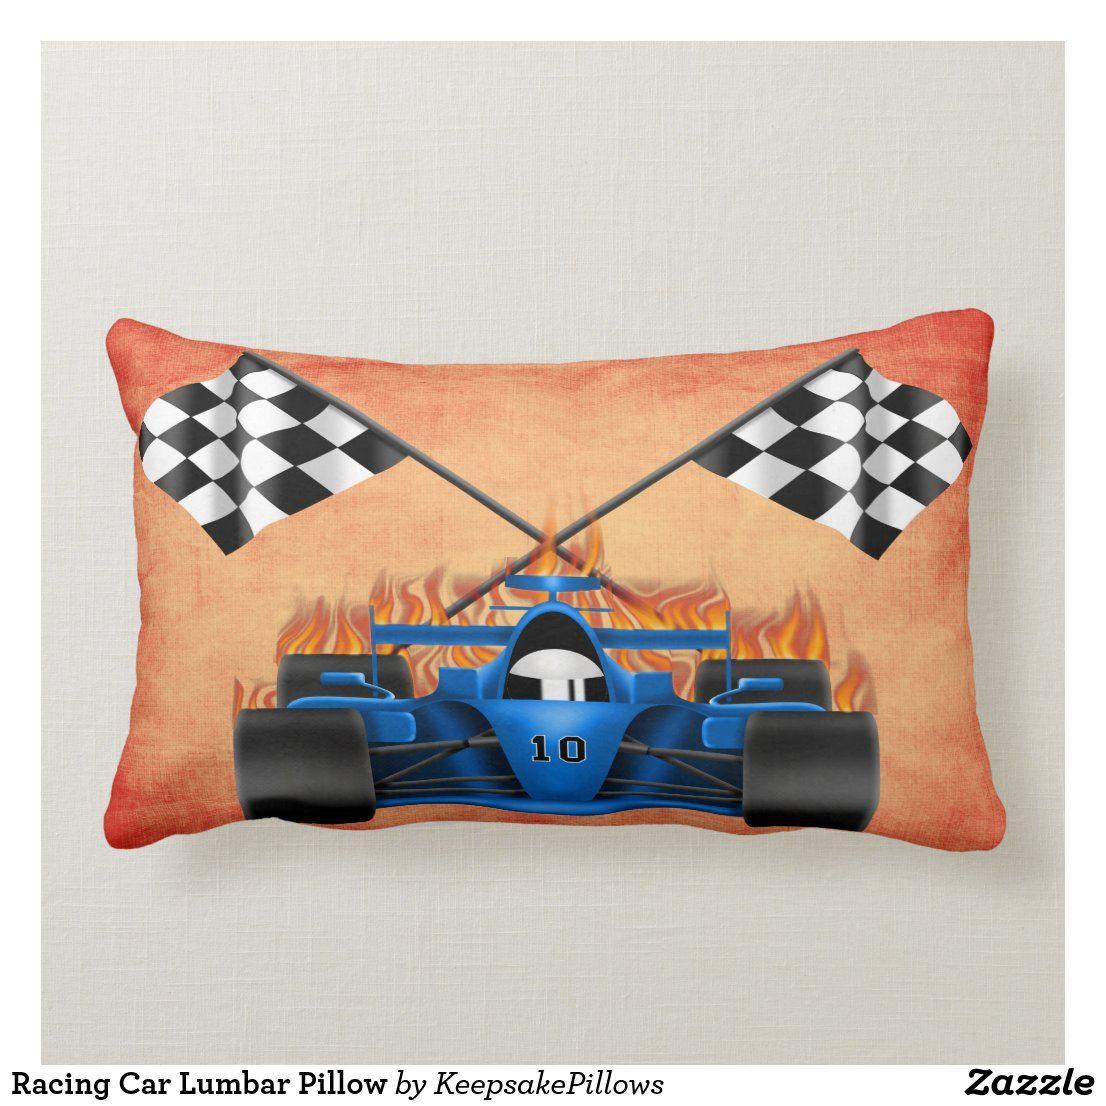 Racing Car Lumbar Pillow Zazzle Com Lumbar Pillow Pillows Lumbar